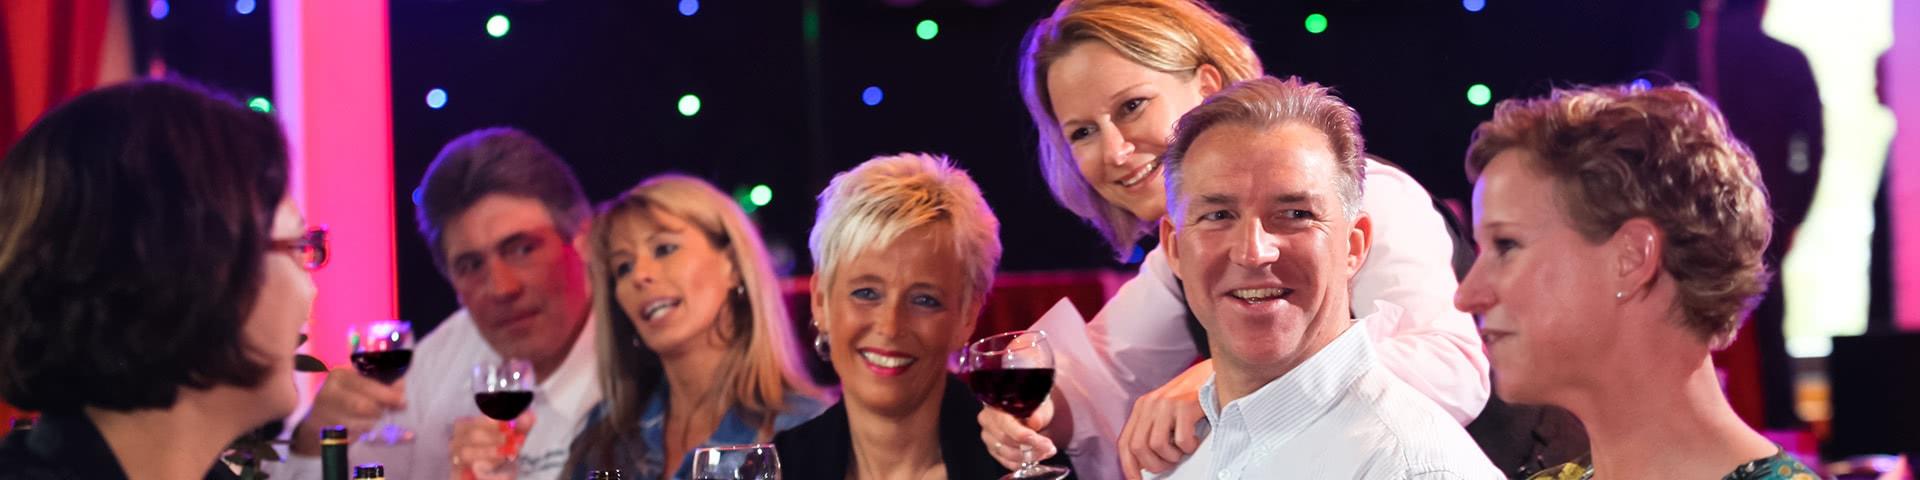 Gut gelaunte Menschen trinken gemeinsam Wein im Edertal